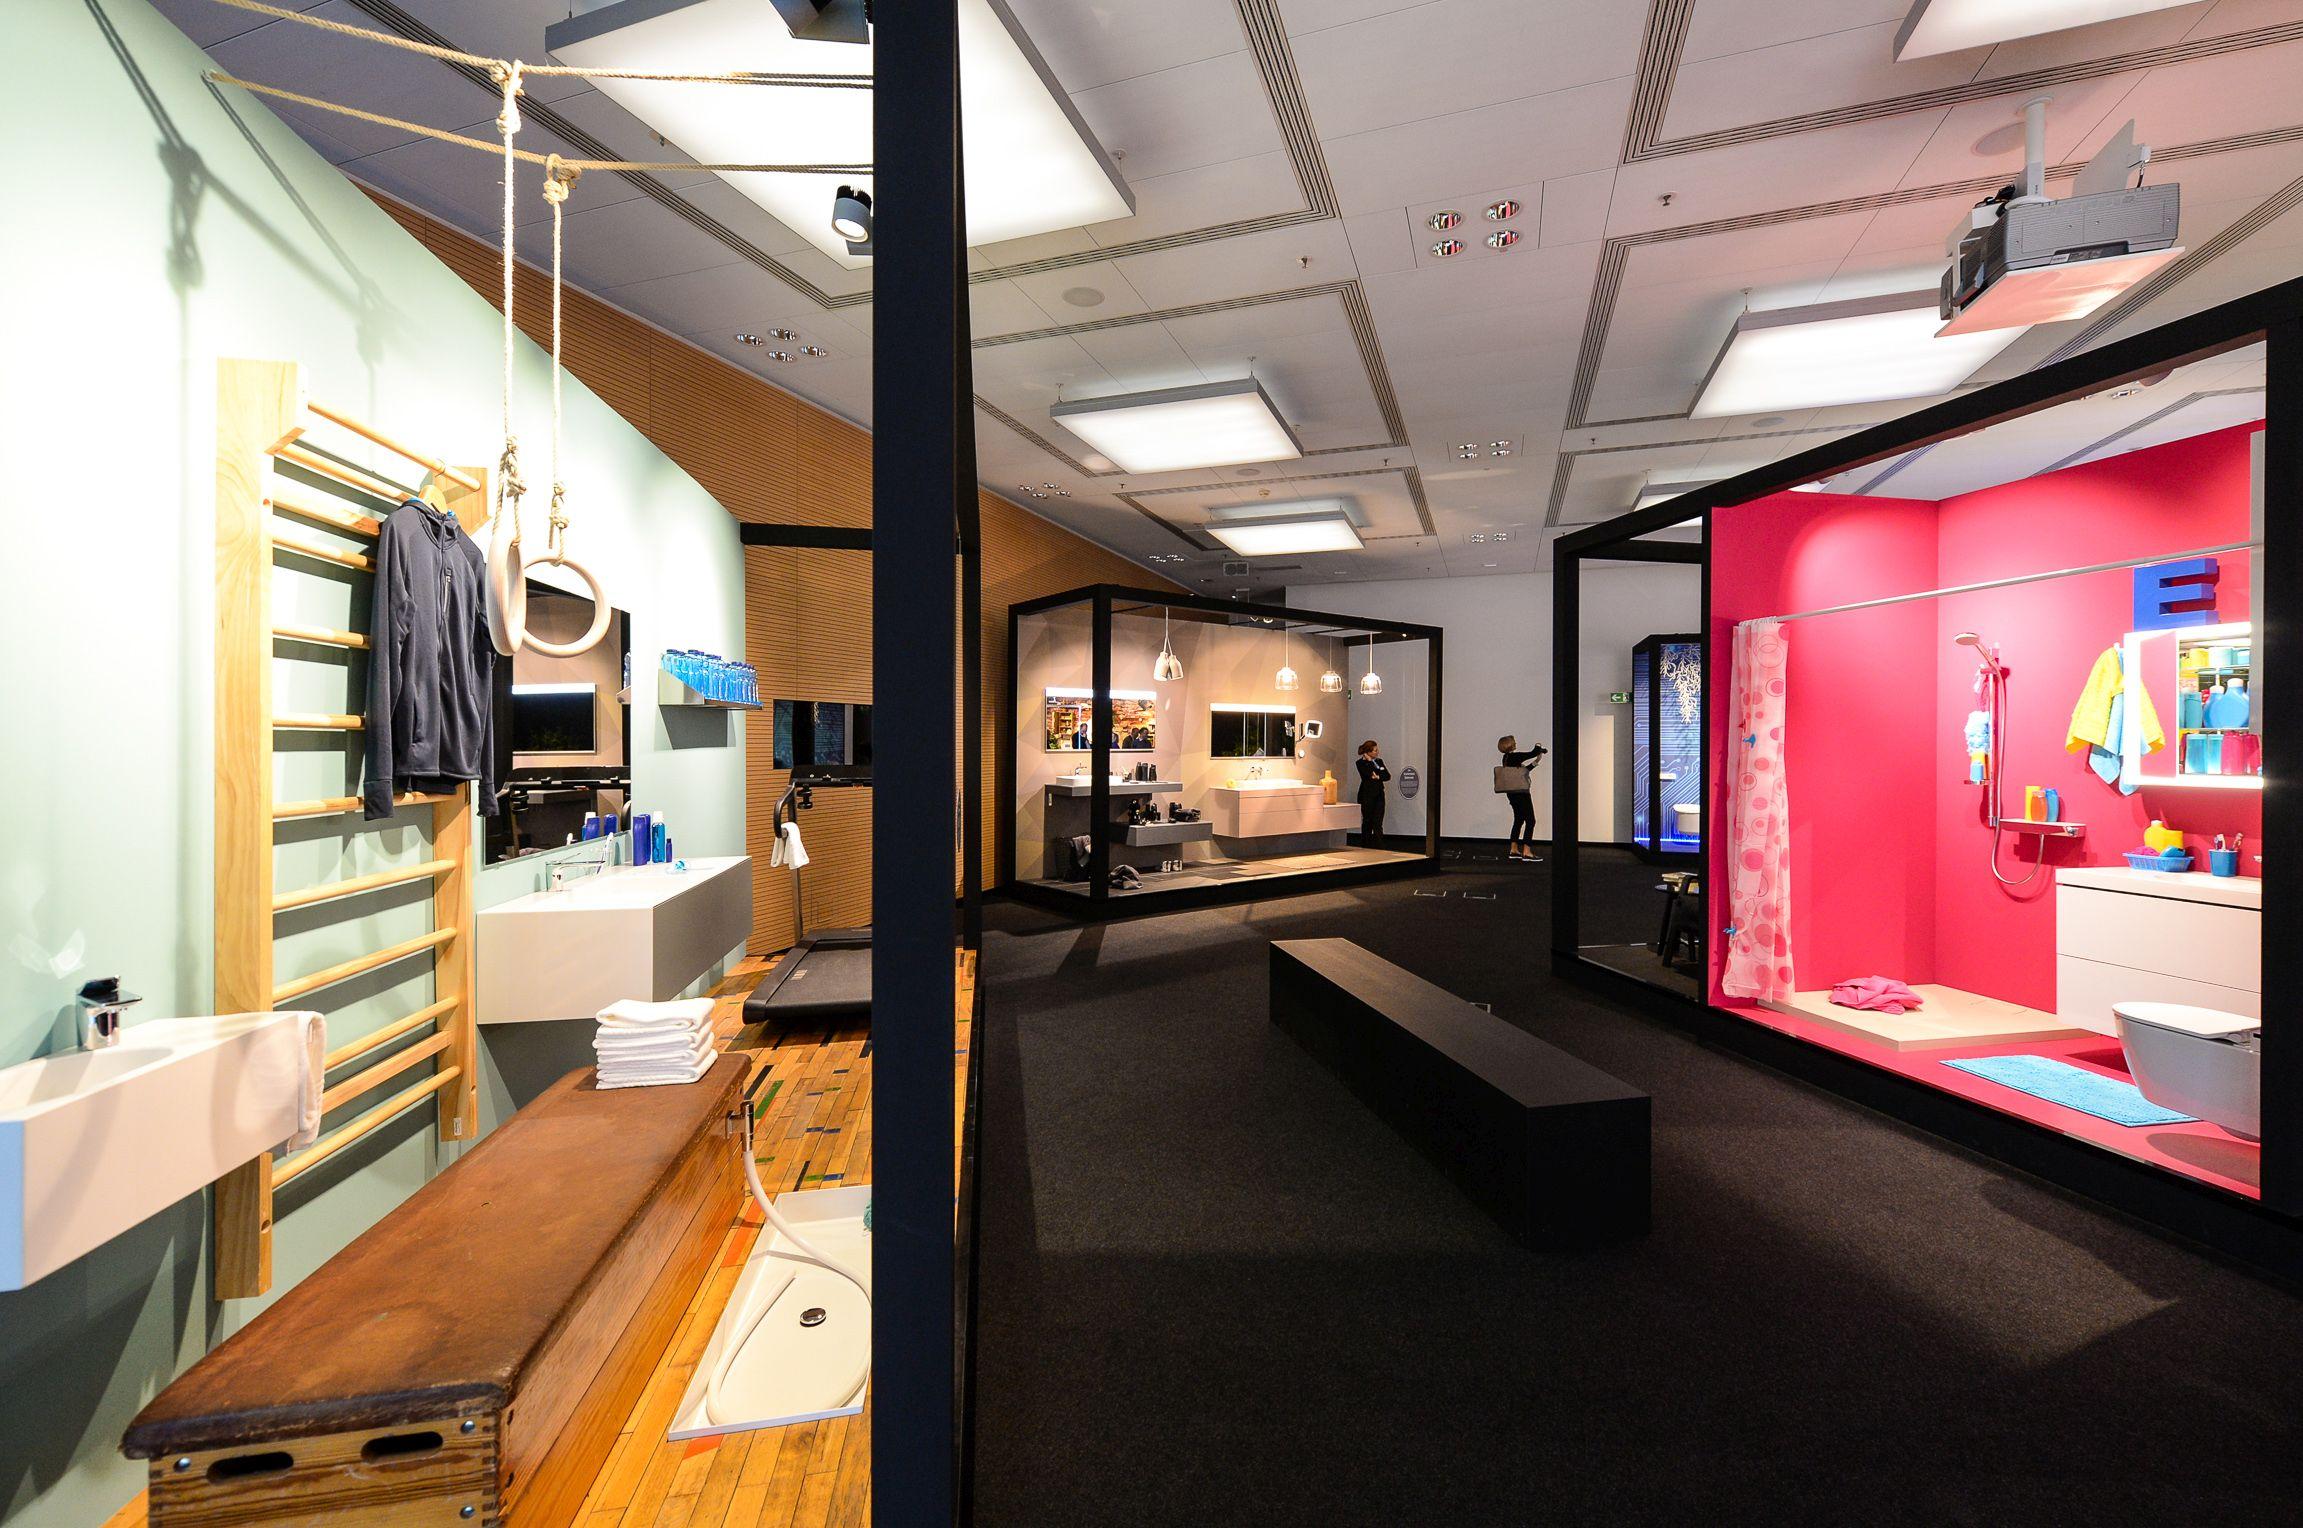 Na frankfurckich targach ISH 2019 powstaje eksperymentalny salon wystawienniczy